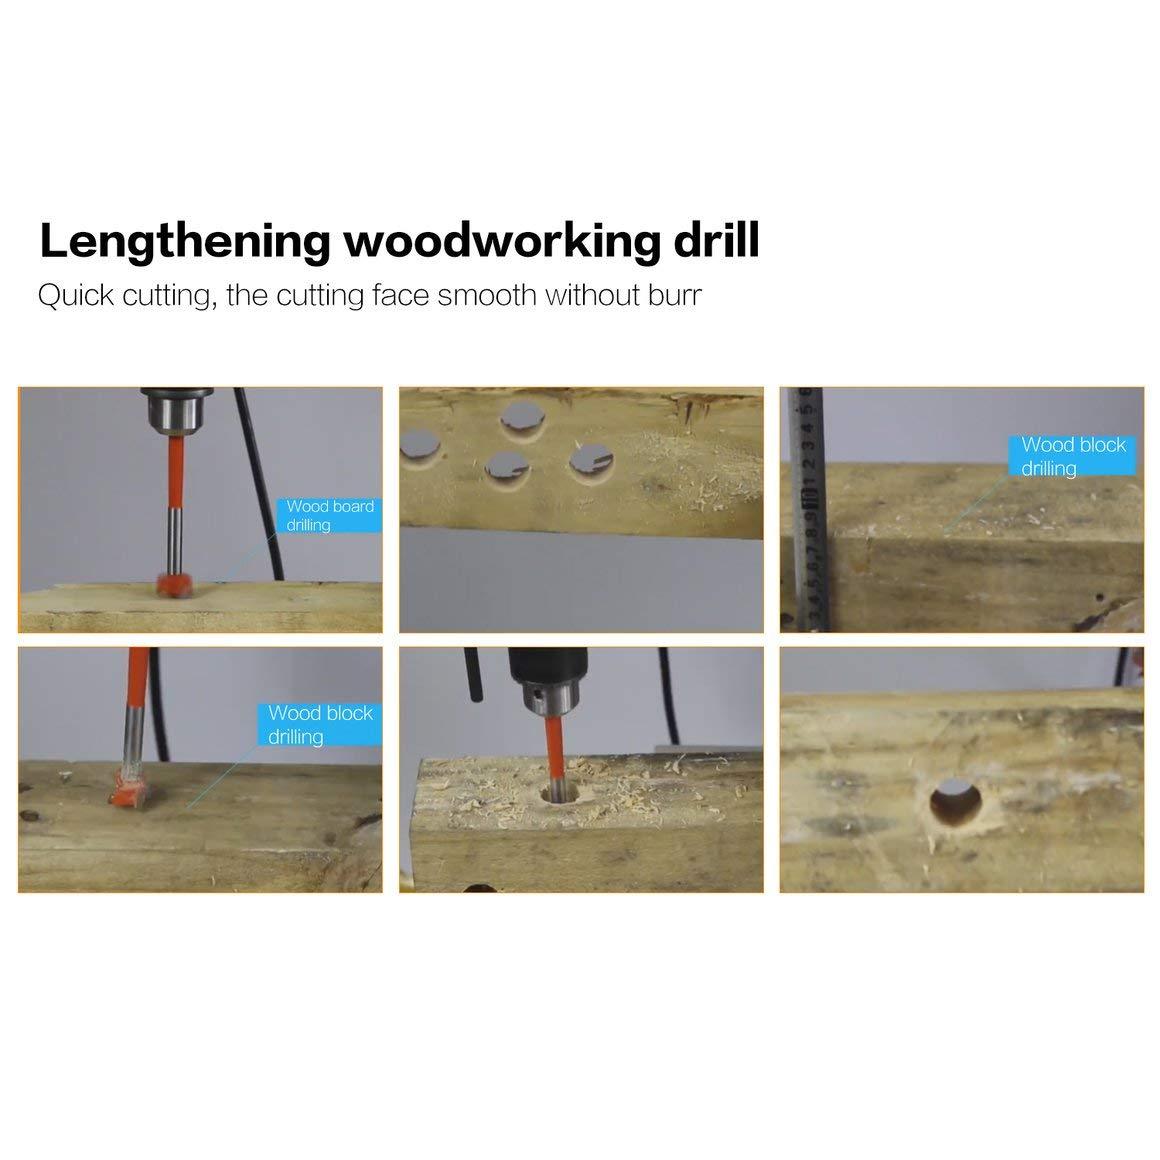 Funnyrunstore 20MM Alargamiento del abridor de madera Extienda la carpinter/ía Cerradura abierta Escariadora de pl/ástico Broca de pl/ástico Alargar Apertura del orificio de bloqueo Expansor